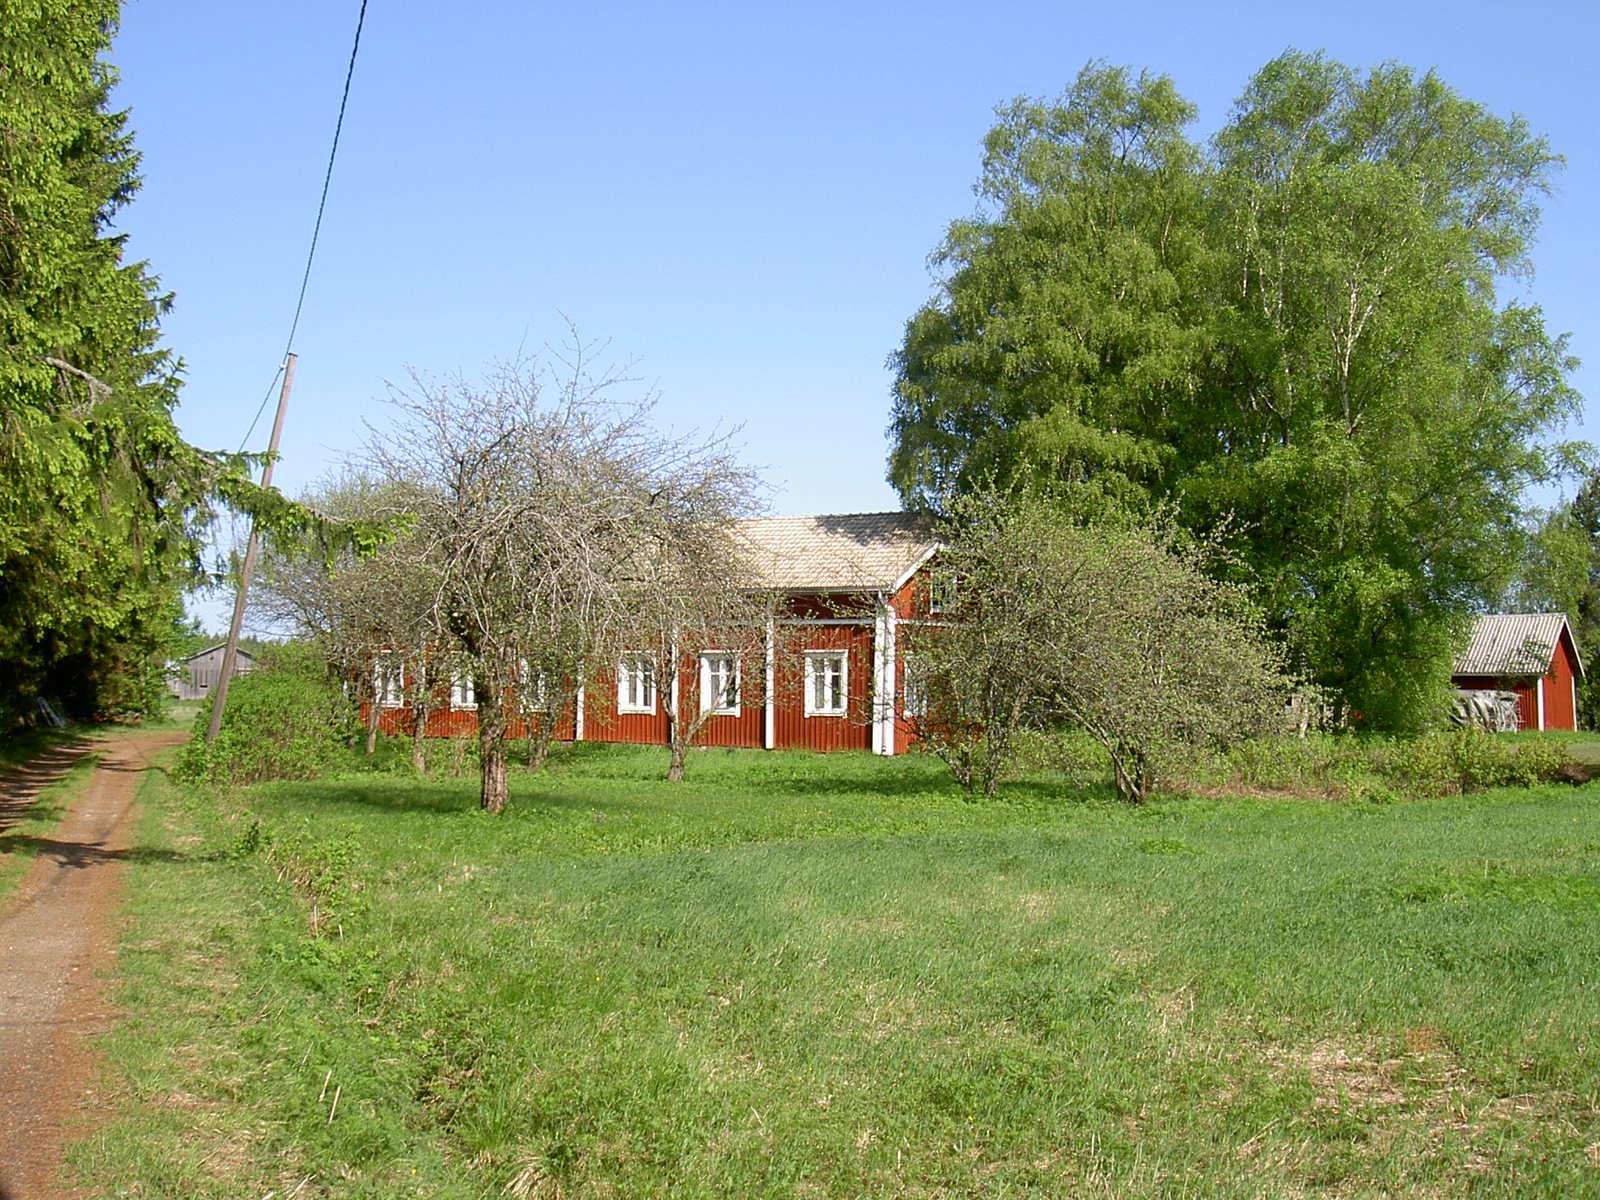 Så här såg Hällbackas gård ut år 2003.